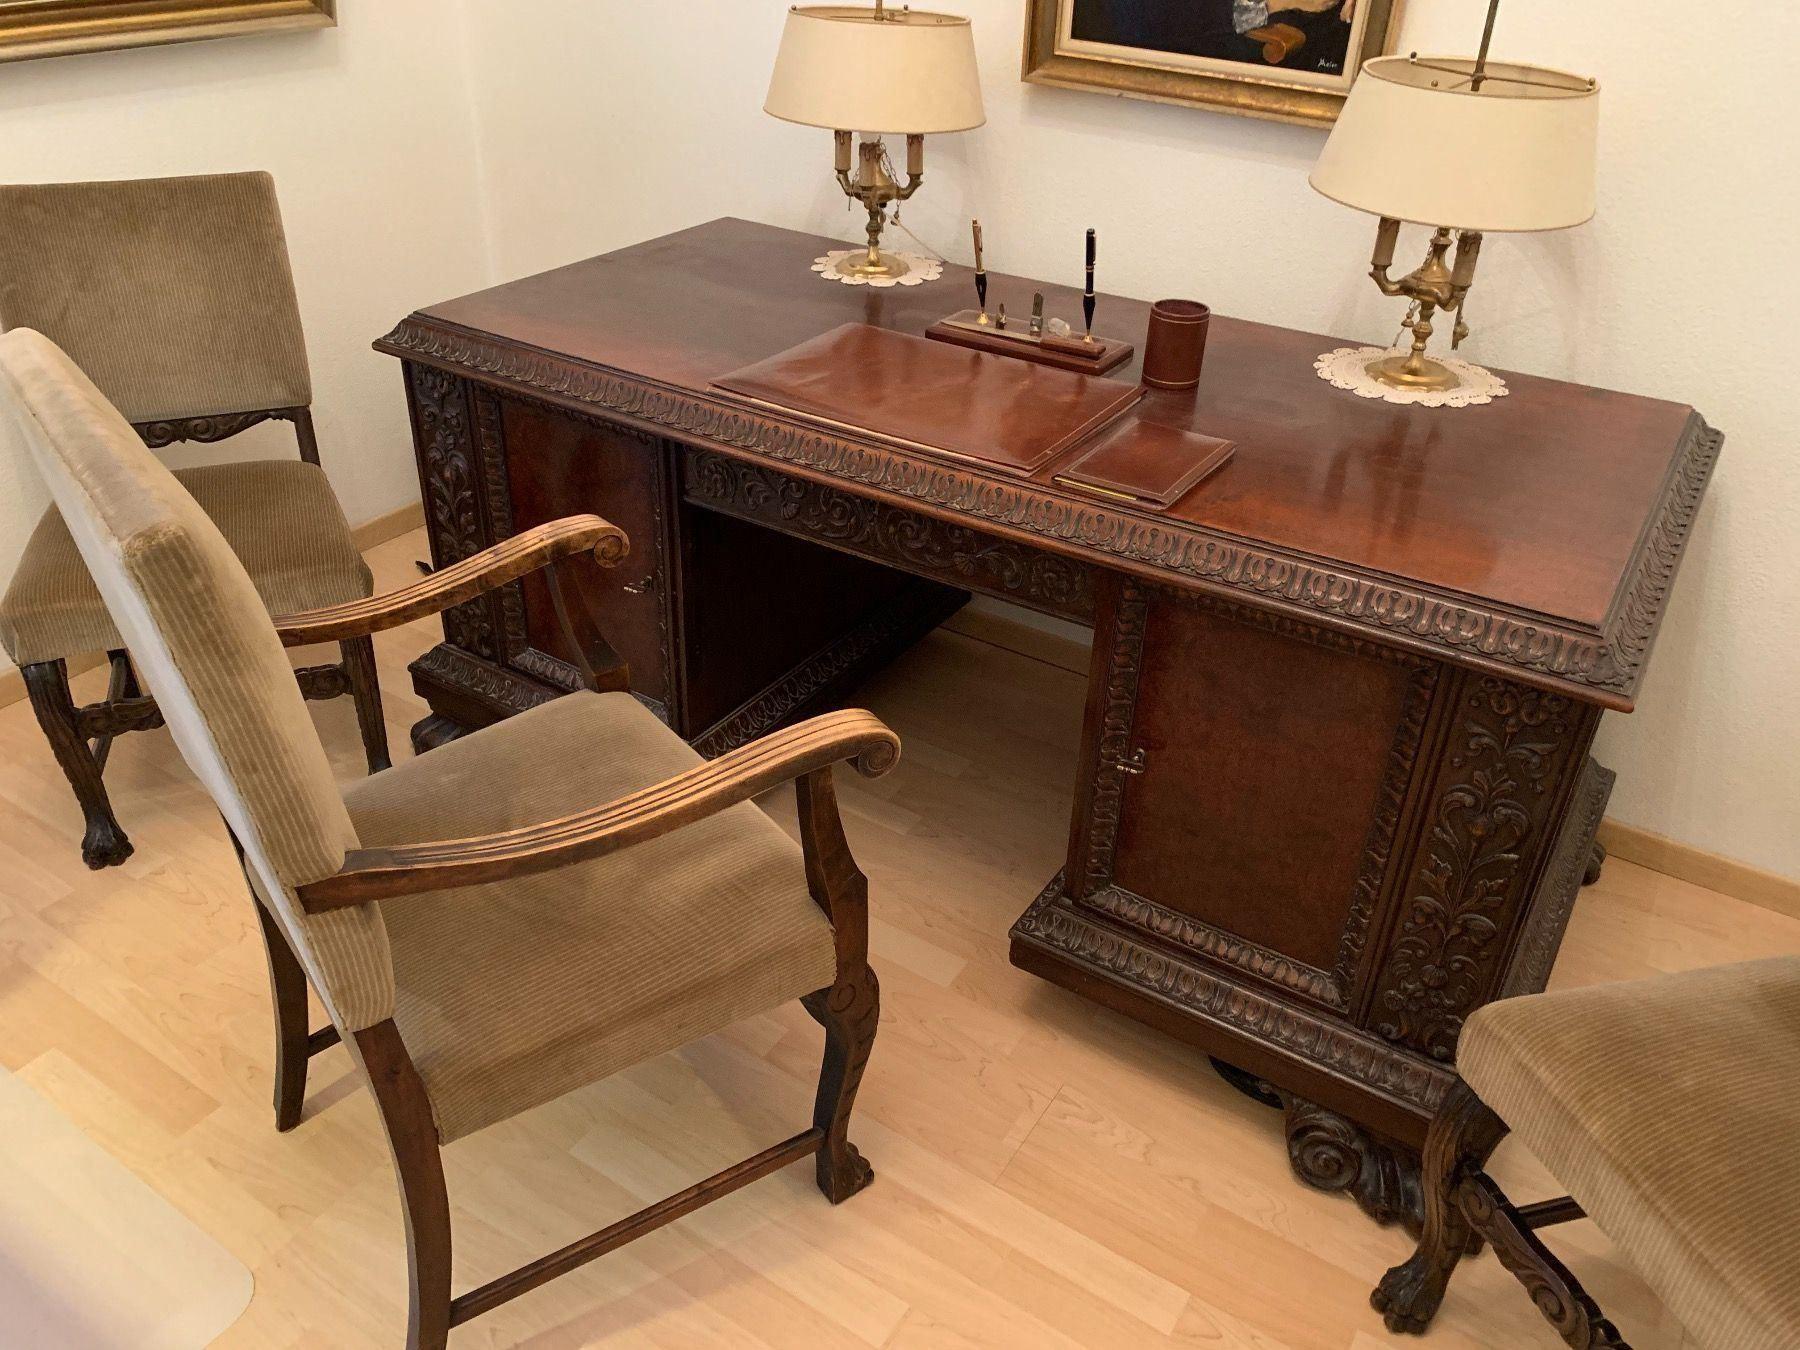 Antiker Schreibtisch 1930 Jahre Kaufen Auf Ricardo Schreibtisch Antik Schreibtisch Kleines Landhaus